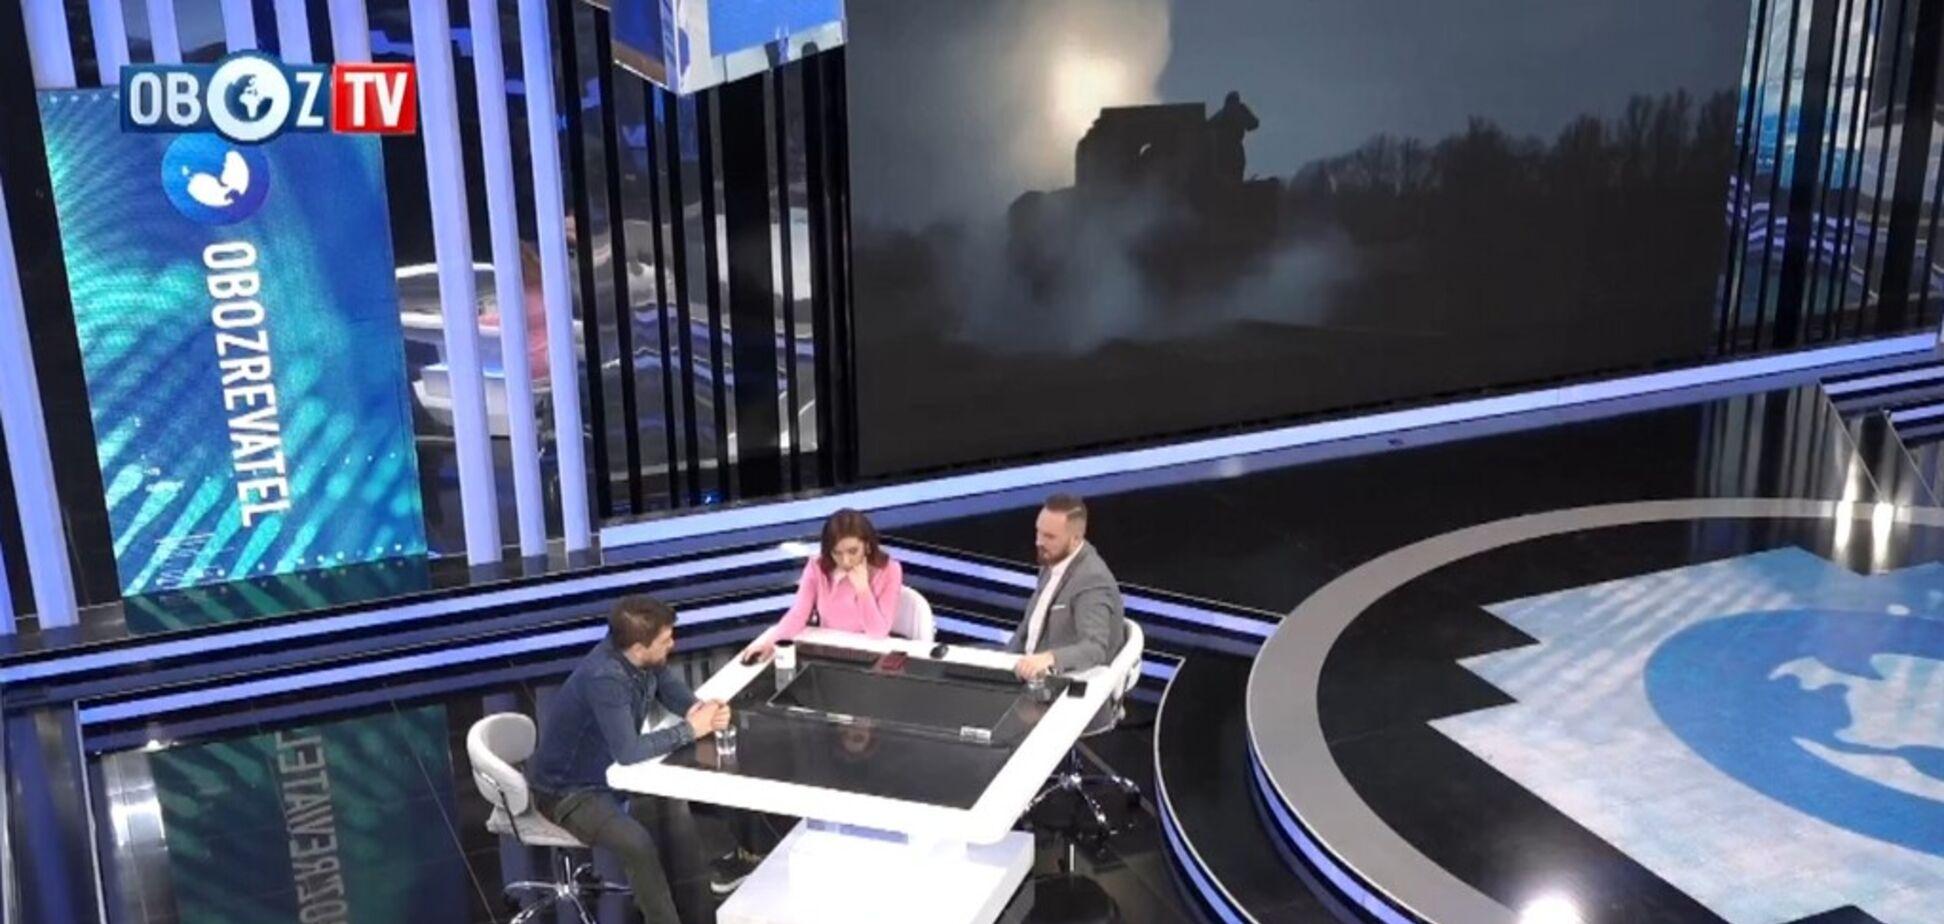 День пам'яті героїв Крут: режисер фільму 'Крути' нагадав про історичні події